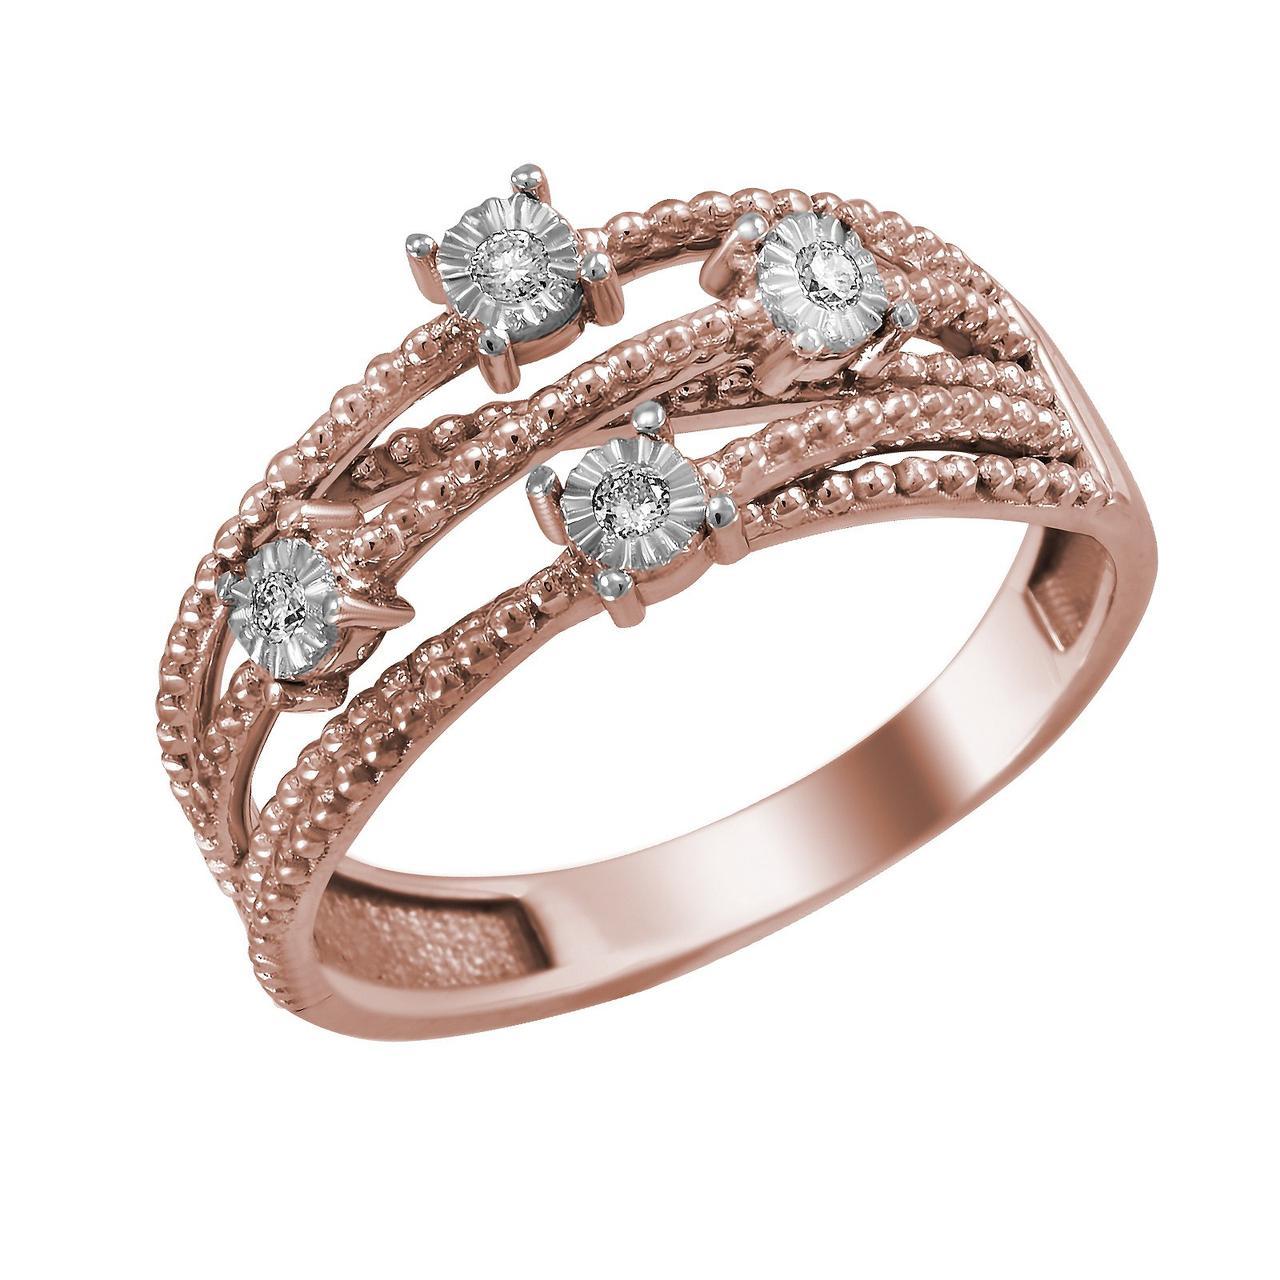 Золотое кольцо с бриллиантами, размер 16.5 (1682189)